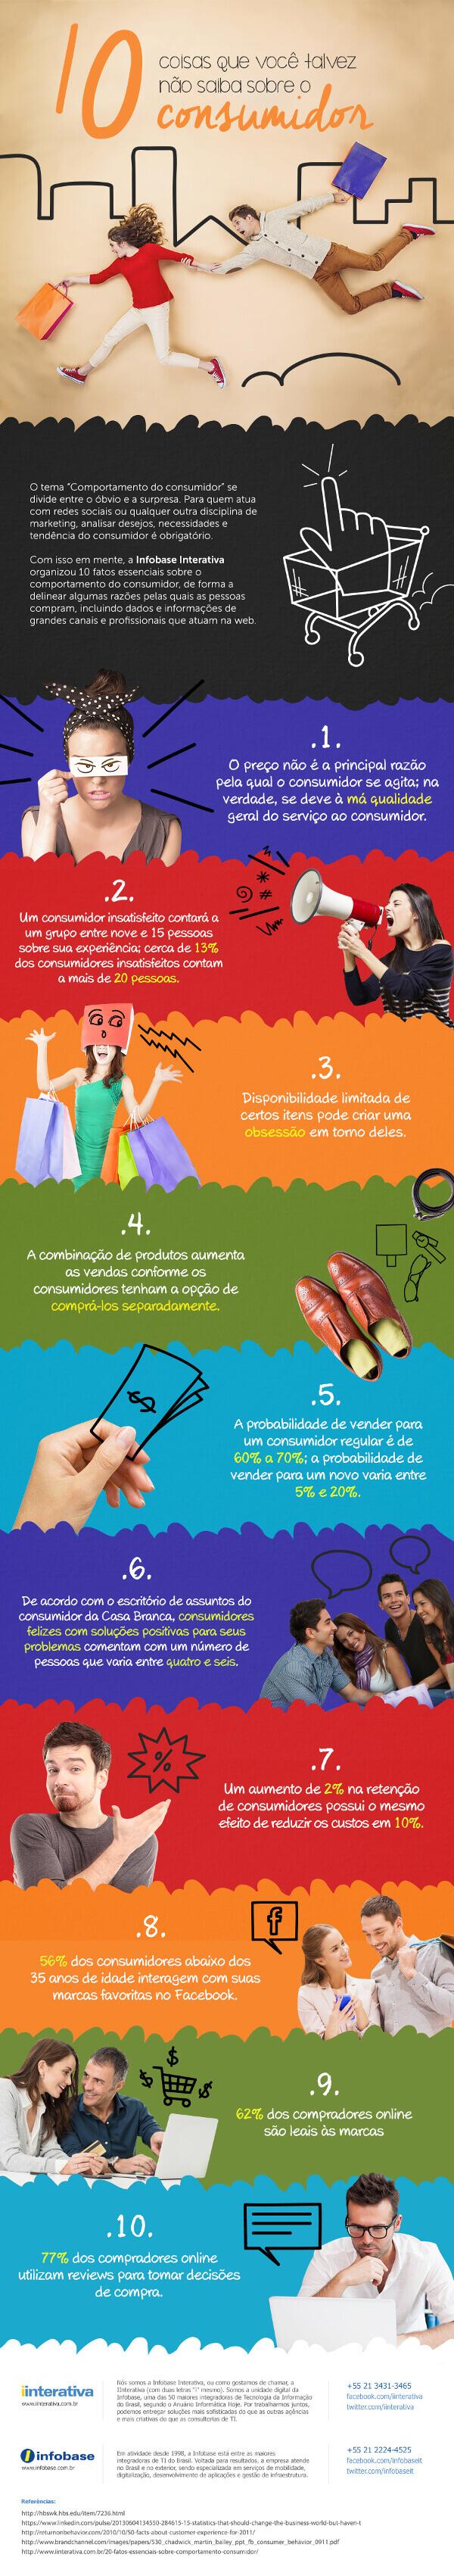 Pesquisa de comportamento do consumidor